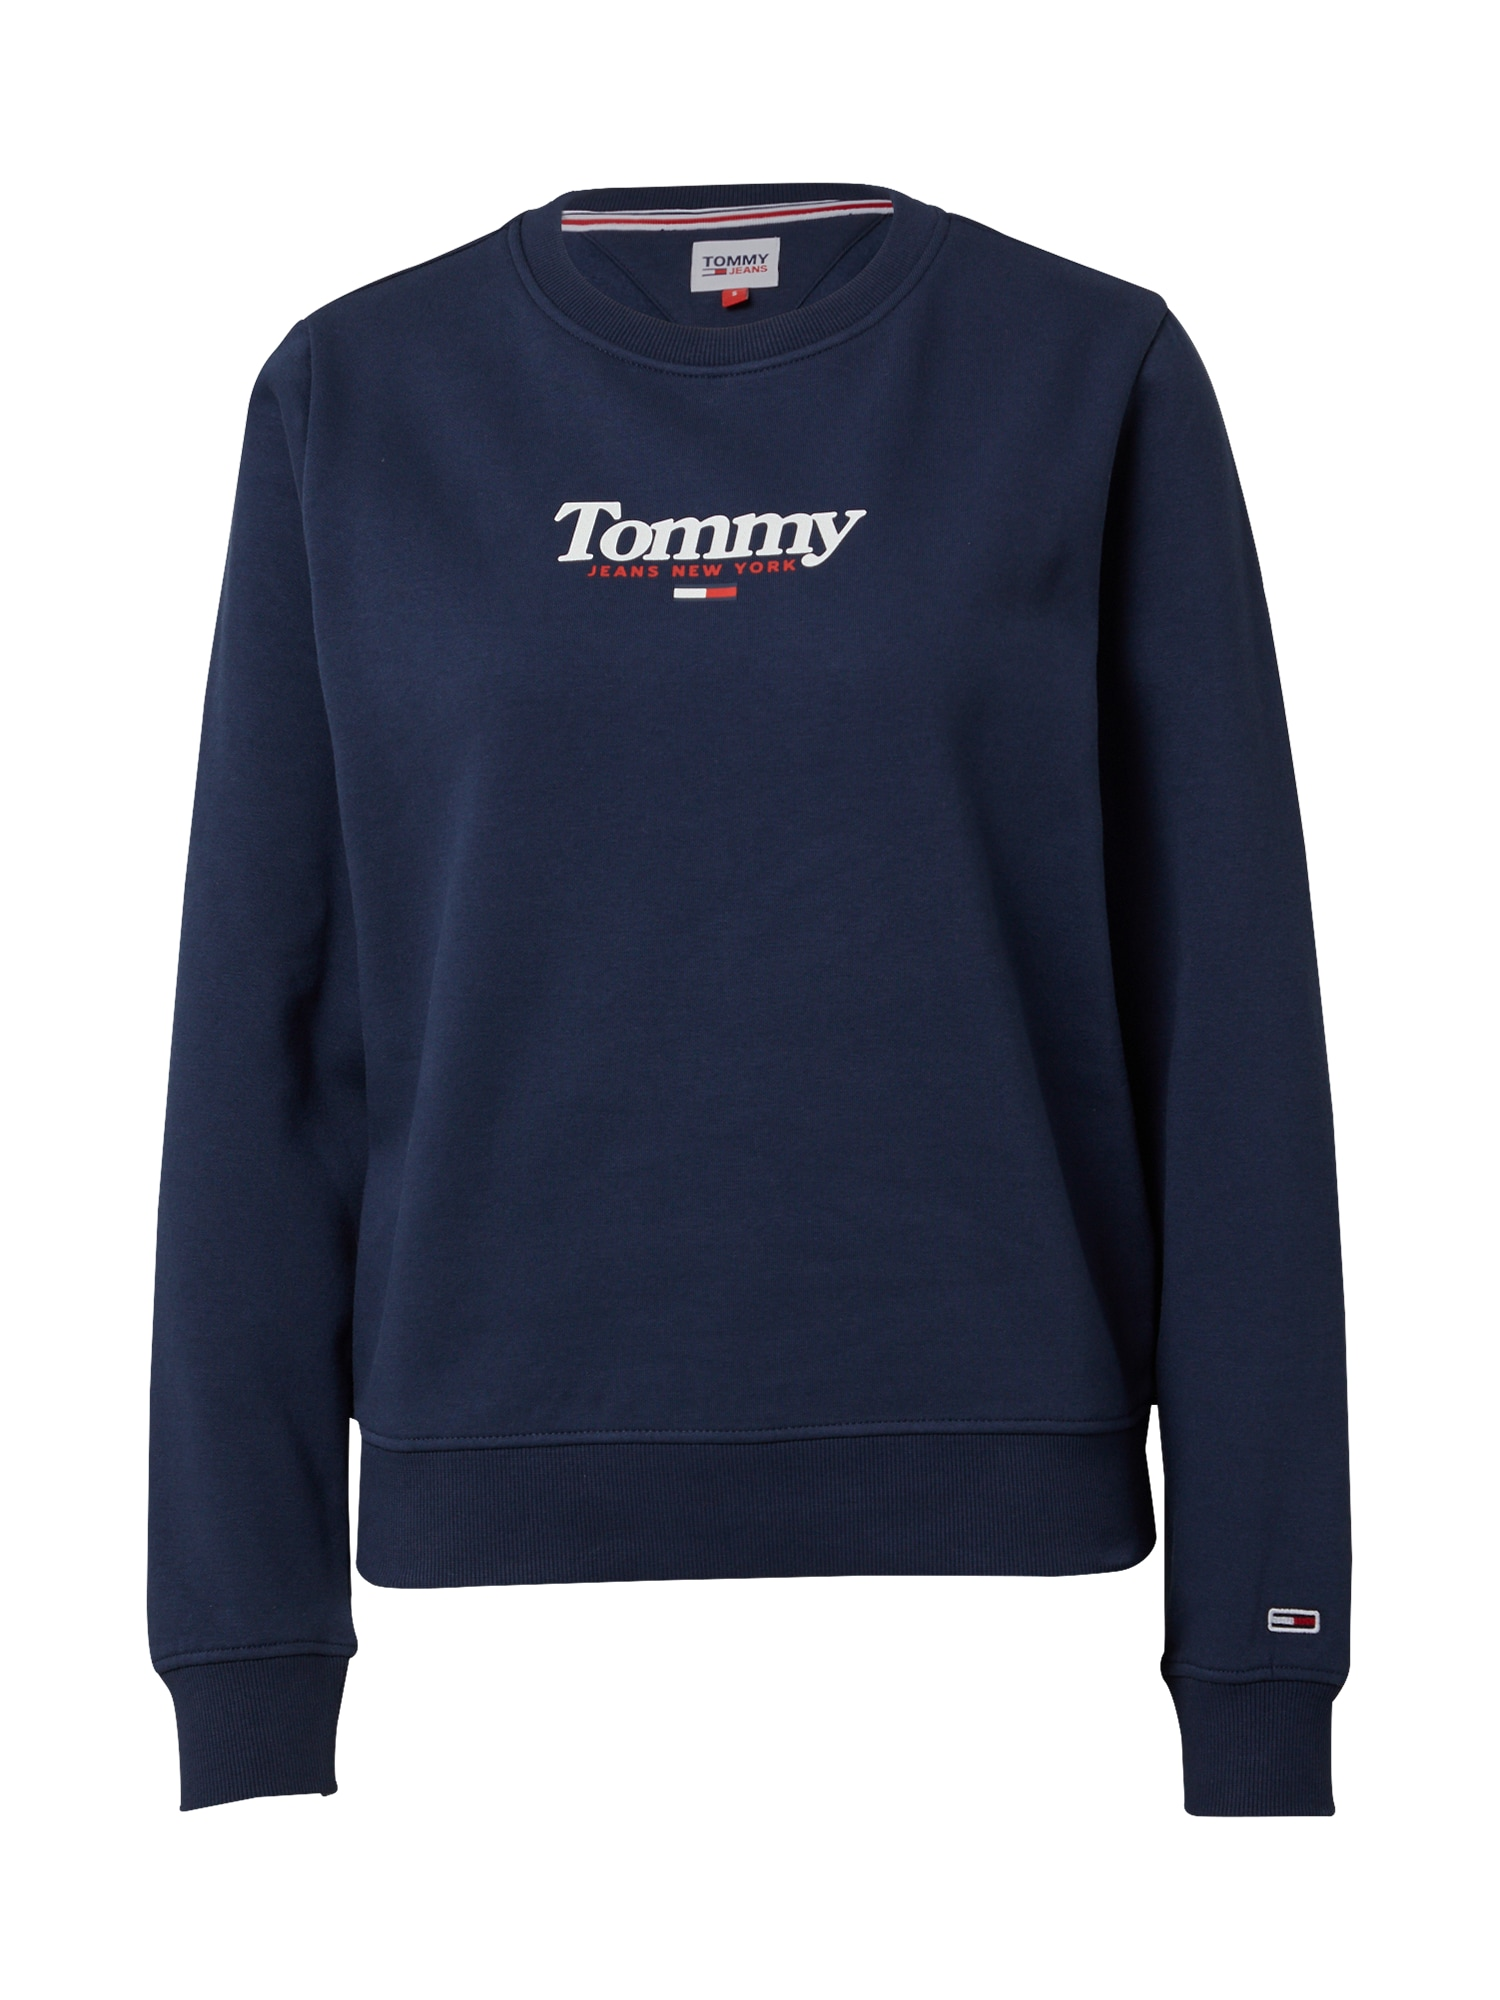 Tommy Jeans Mikina 'ESSENTIAL'  námořnická modř / bílá / červená